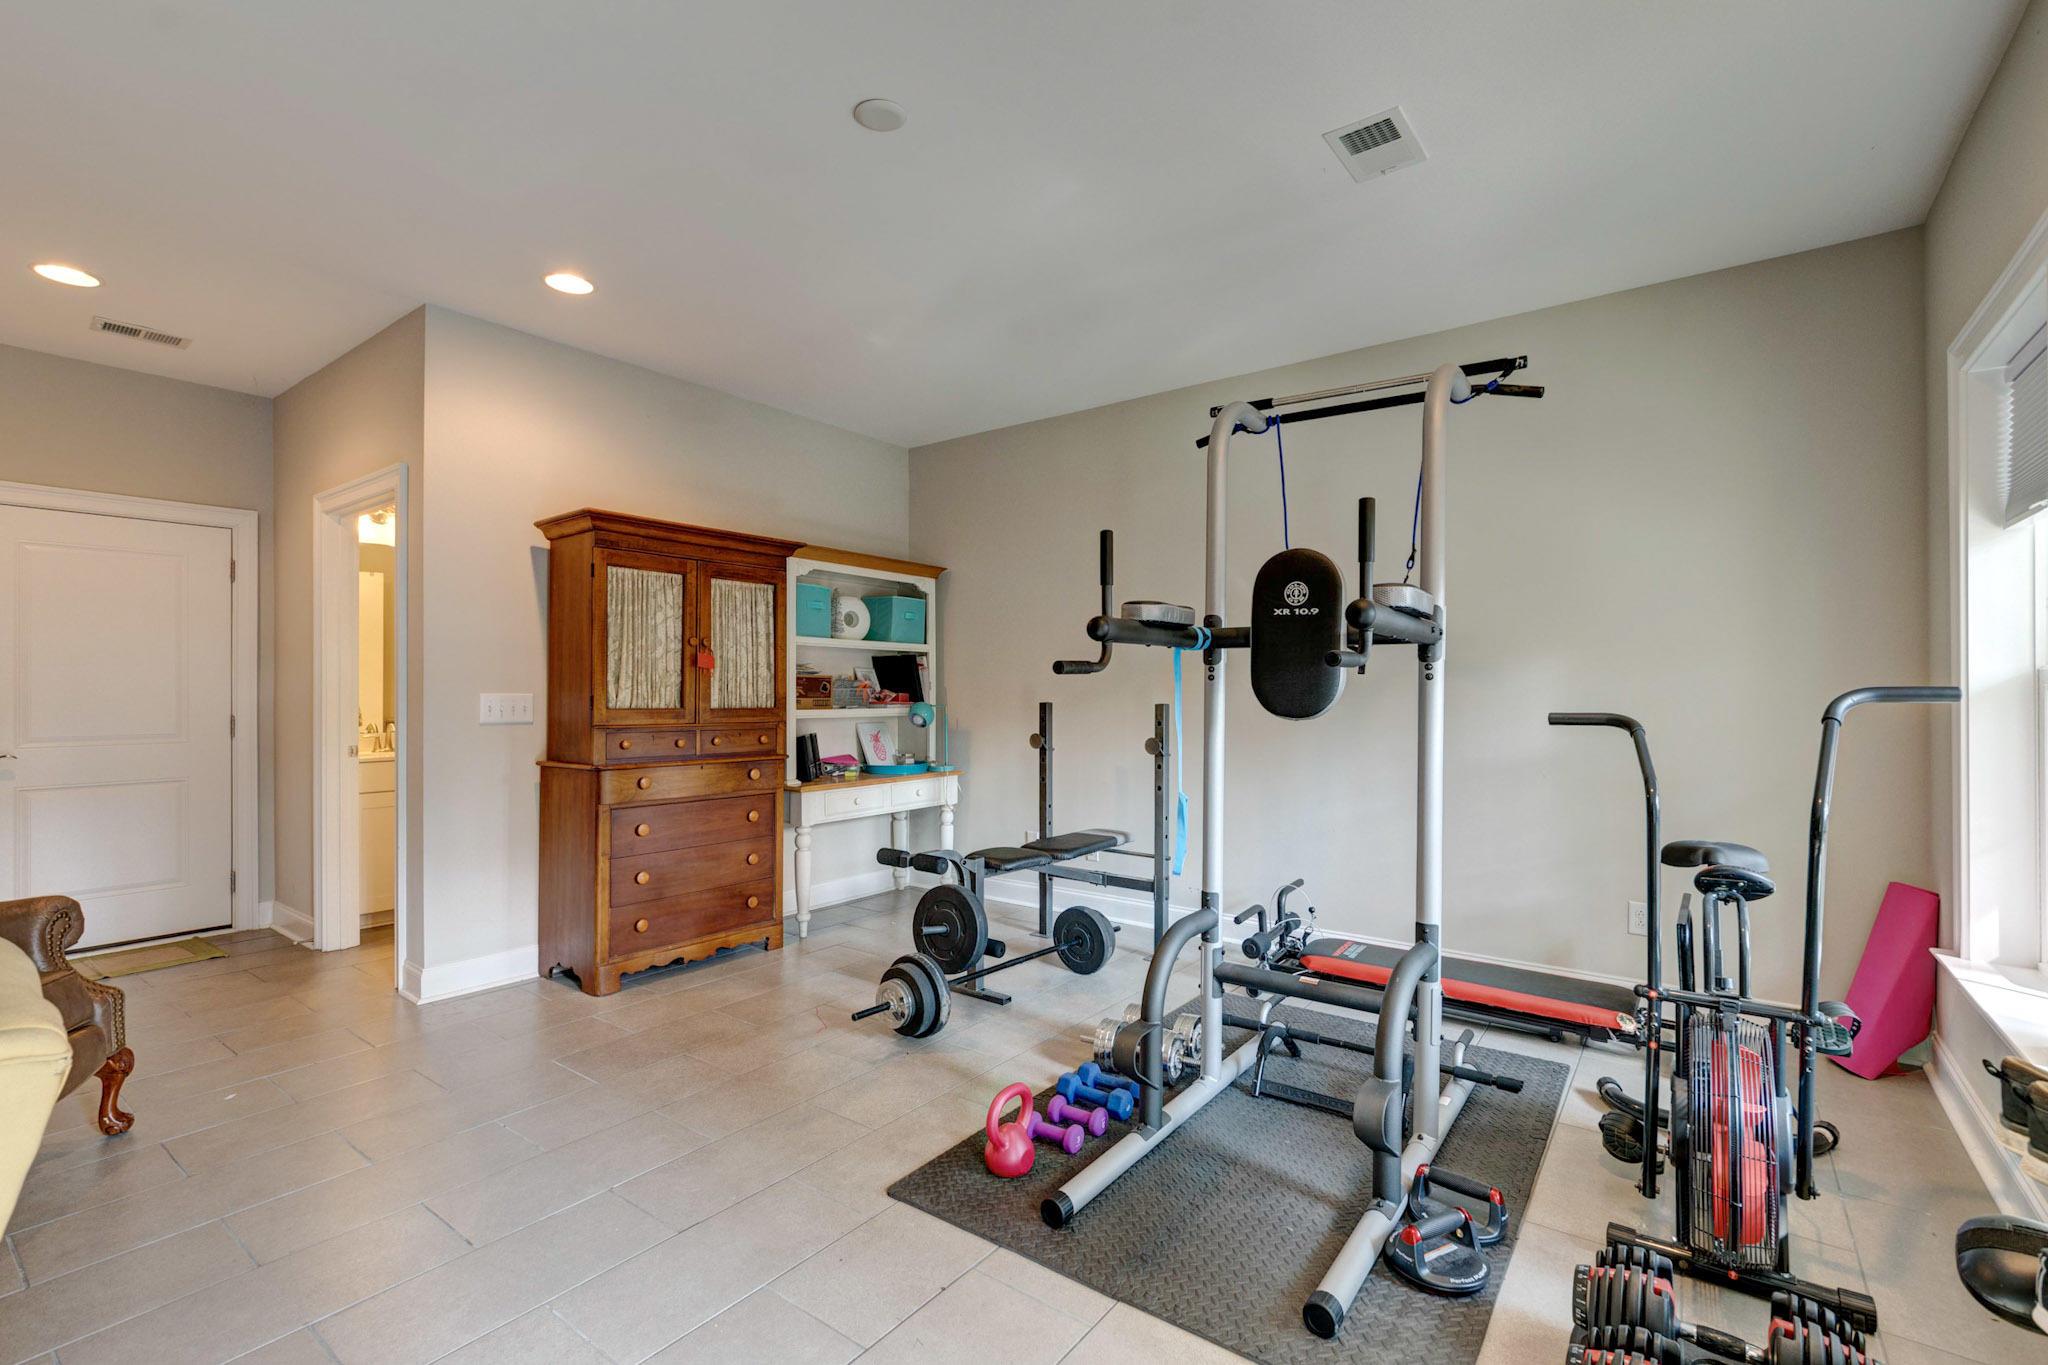 Bowman Park Homes For Sale - 1017 Bowman Woods, Mount Pleasant, SC - 15